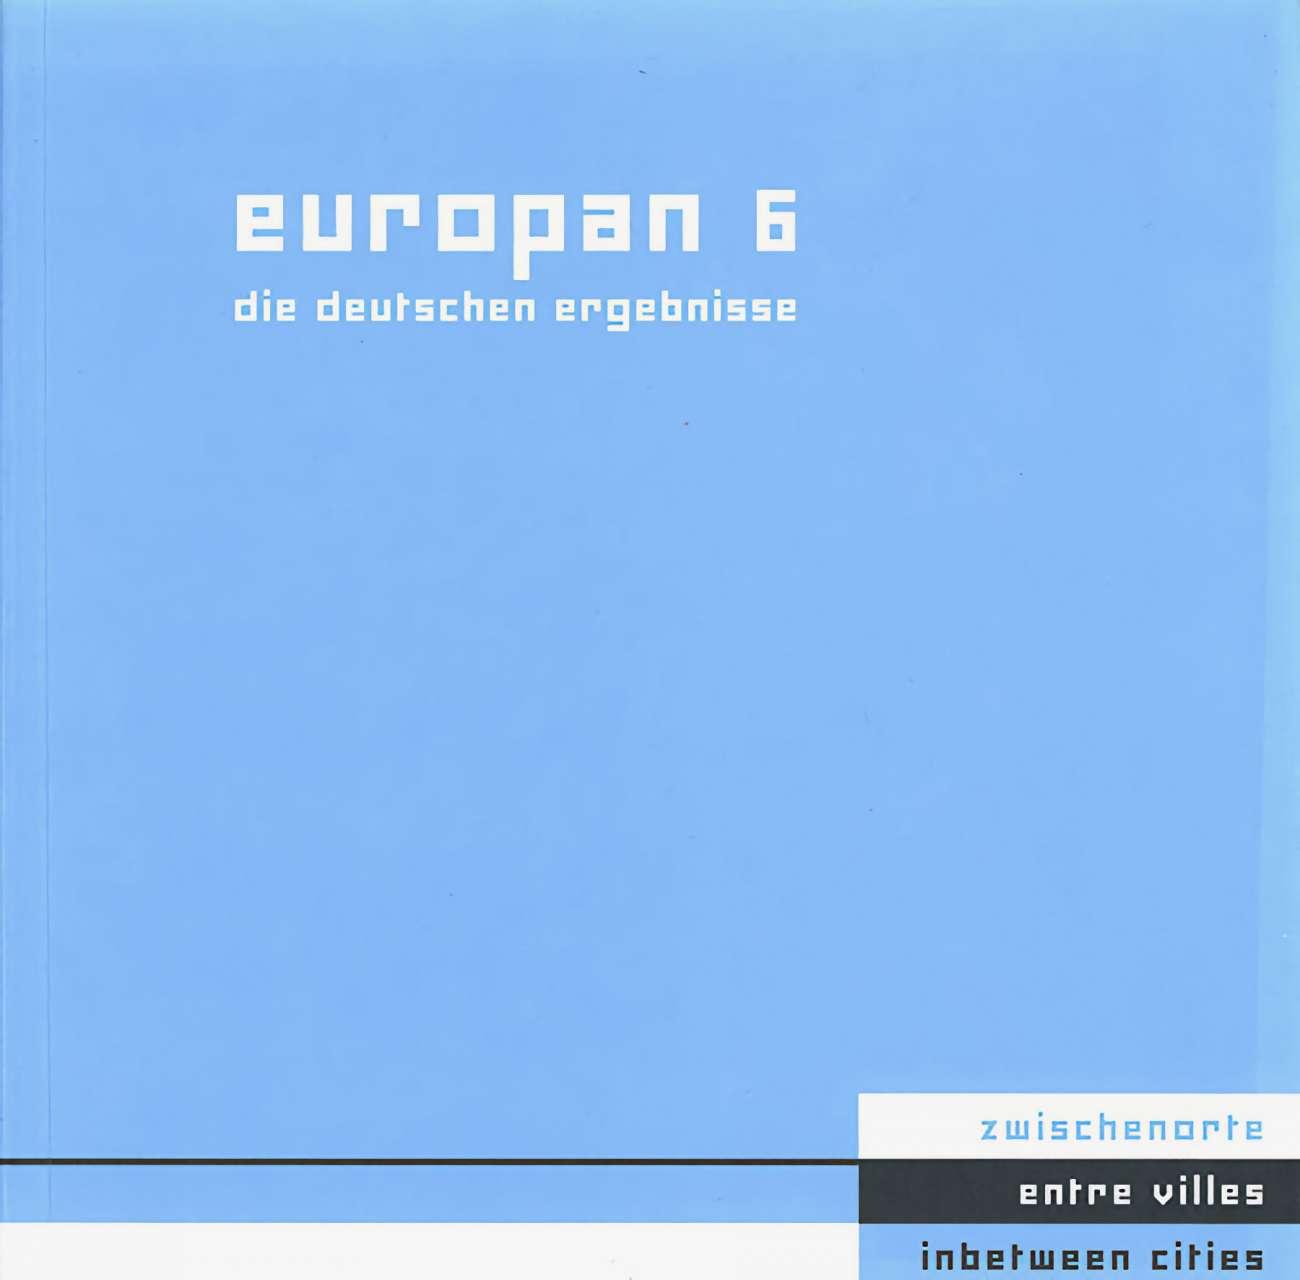 Europan 6<br /> Zwischenorte / Architektur im Prozess zur urbanen Erneuerung